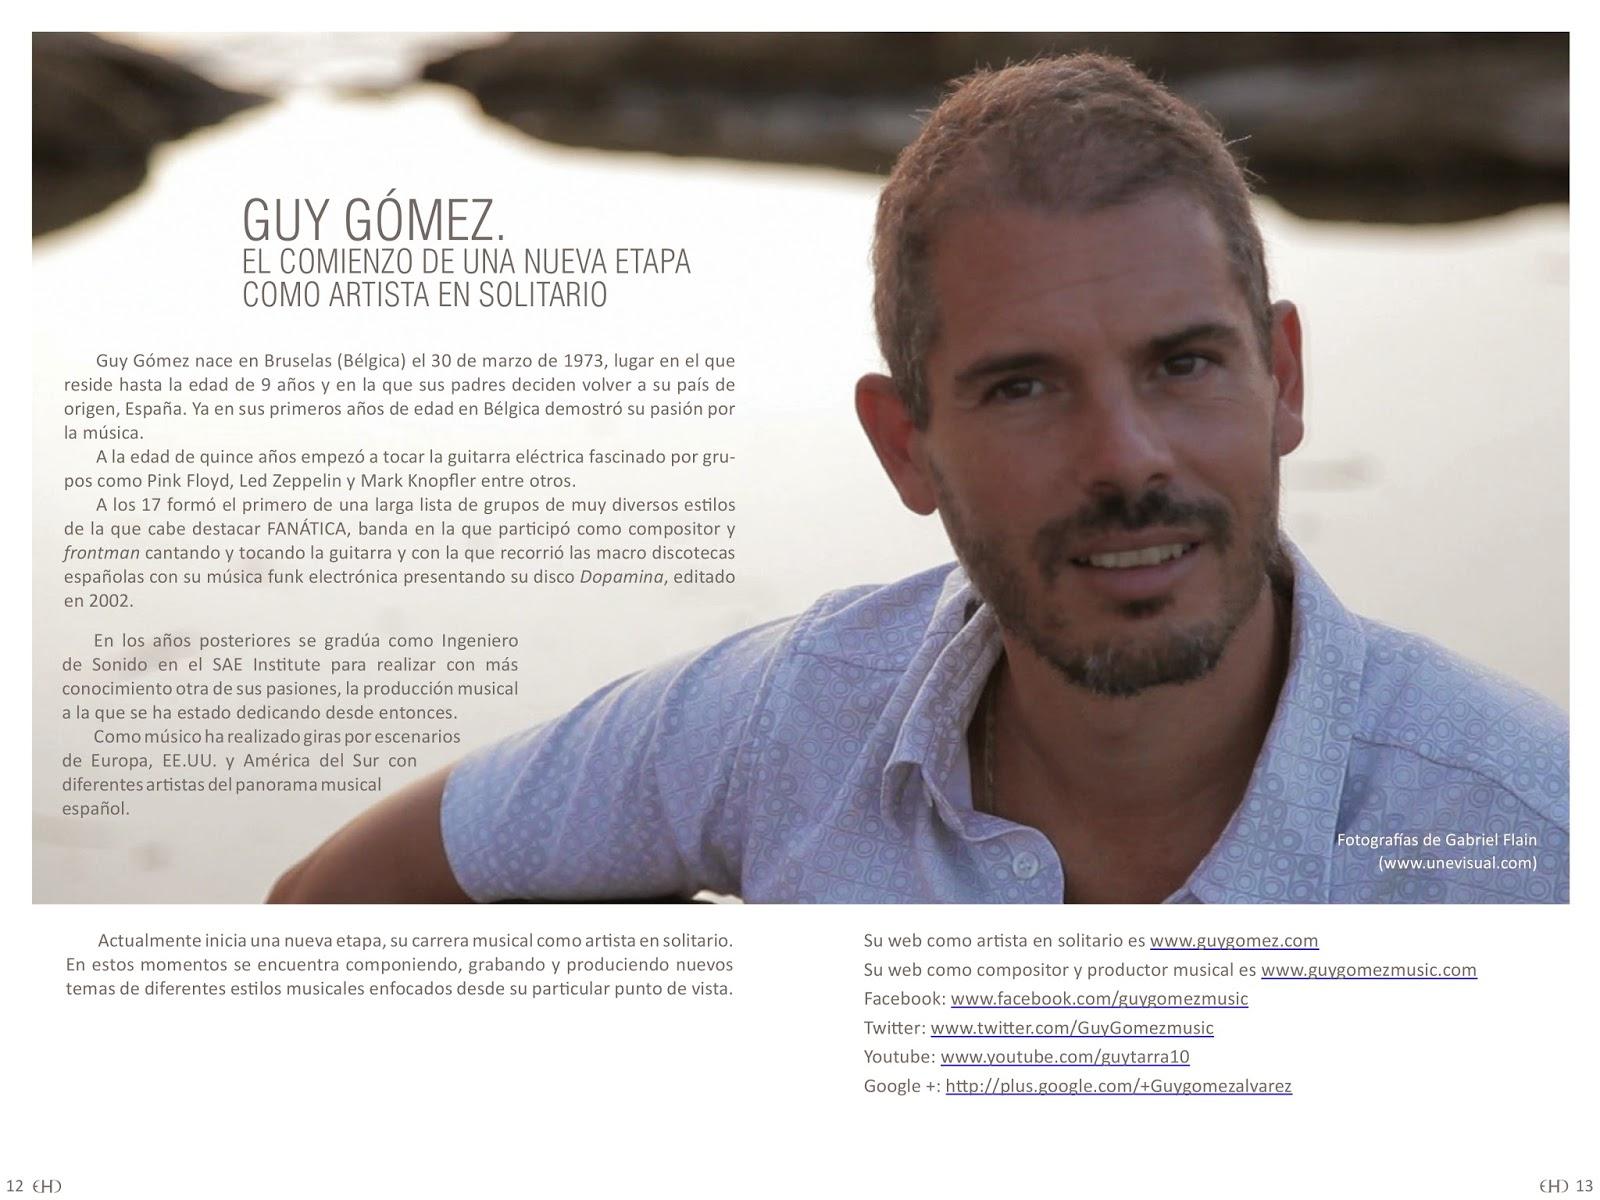 destacado, Intro, prensa, Guy Gómez, Guy Gómez music, Guy Gómez música, Guy Gómez EP Fluye, Guy Gómez Álvarez músico,